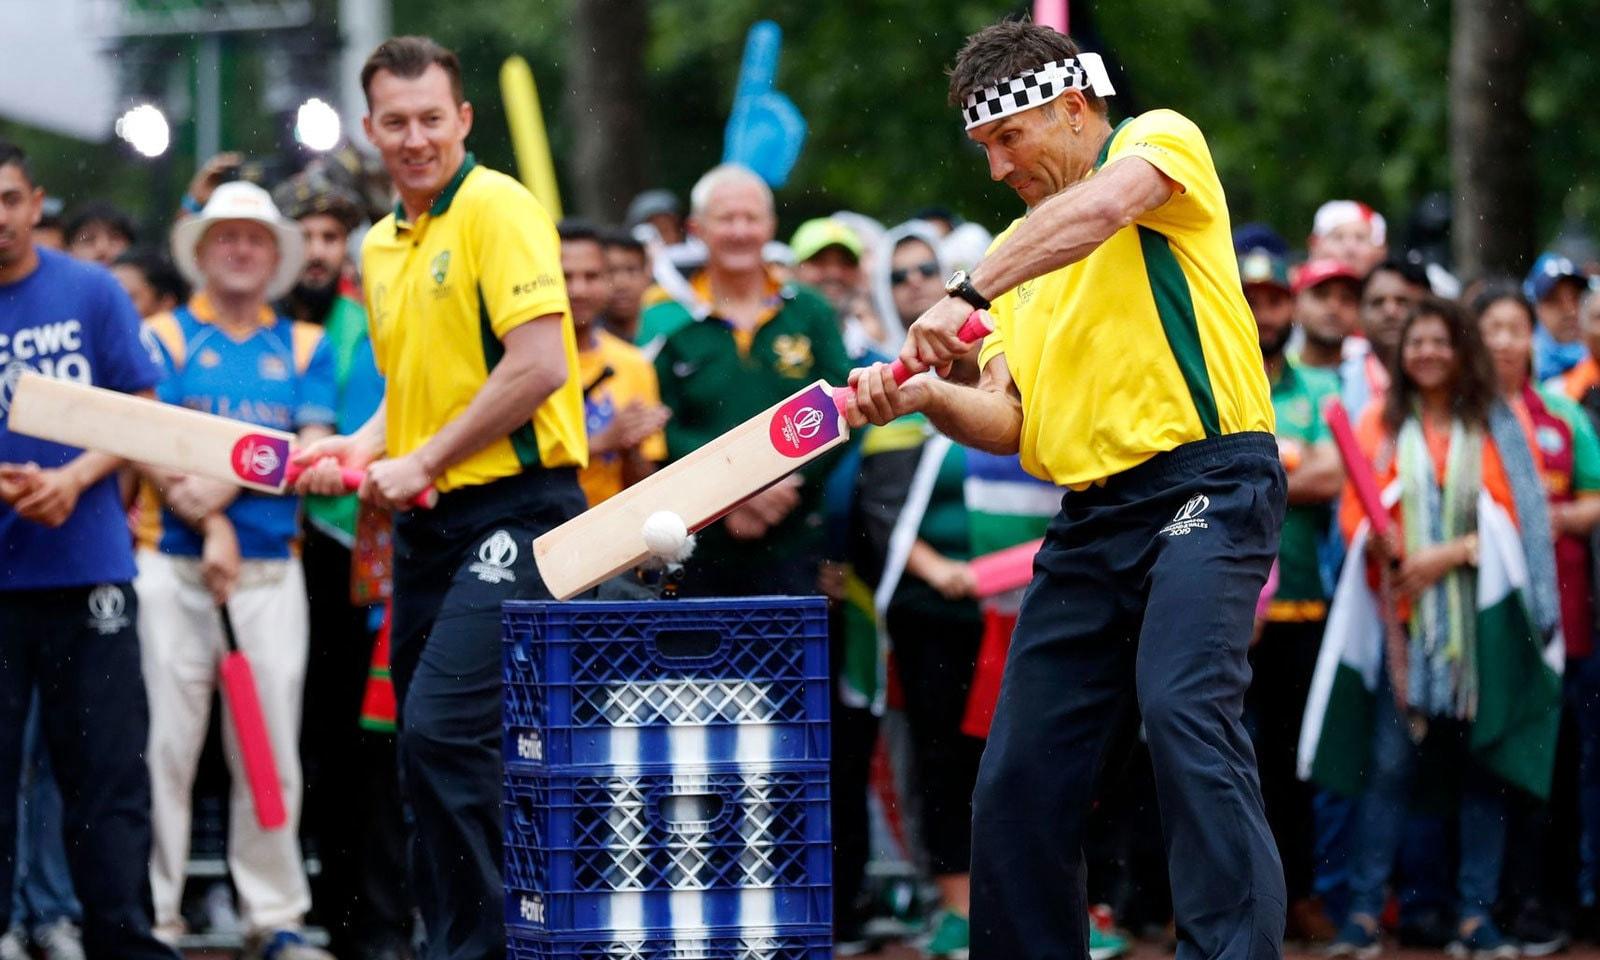 آسٹریلیا نے بریٹ لی کی قیادت میں 69 رنز بنائے— فوٹو: آئی سی سی